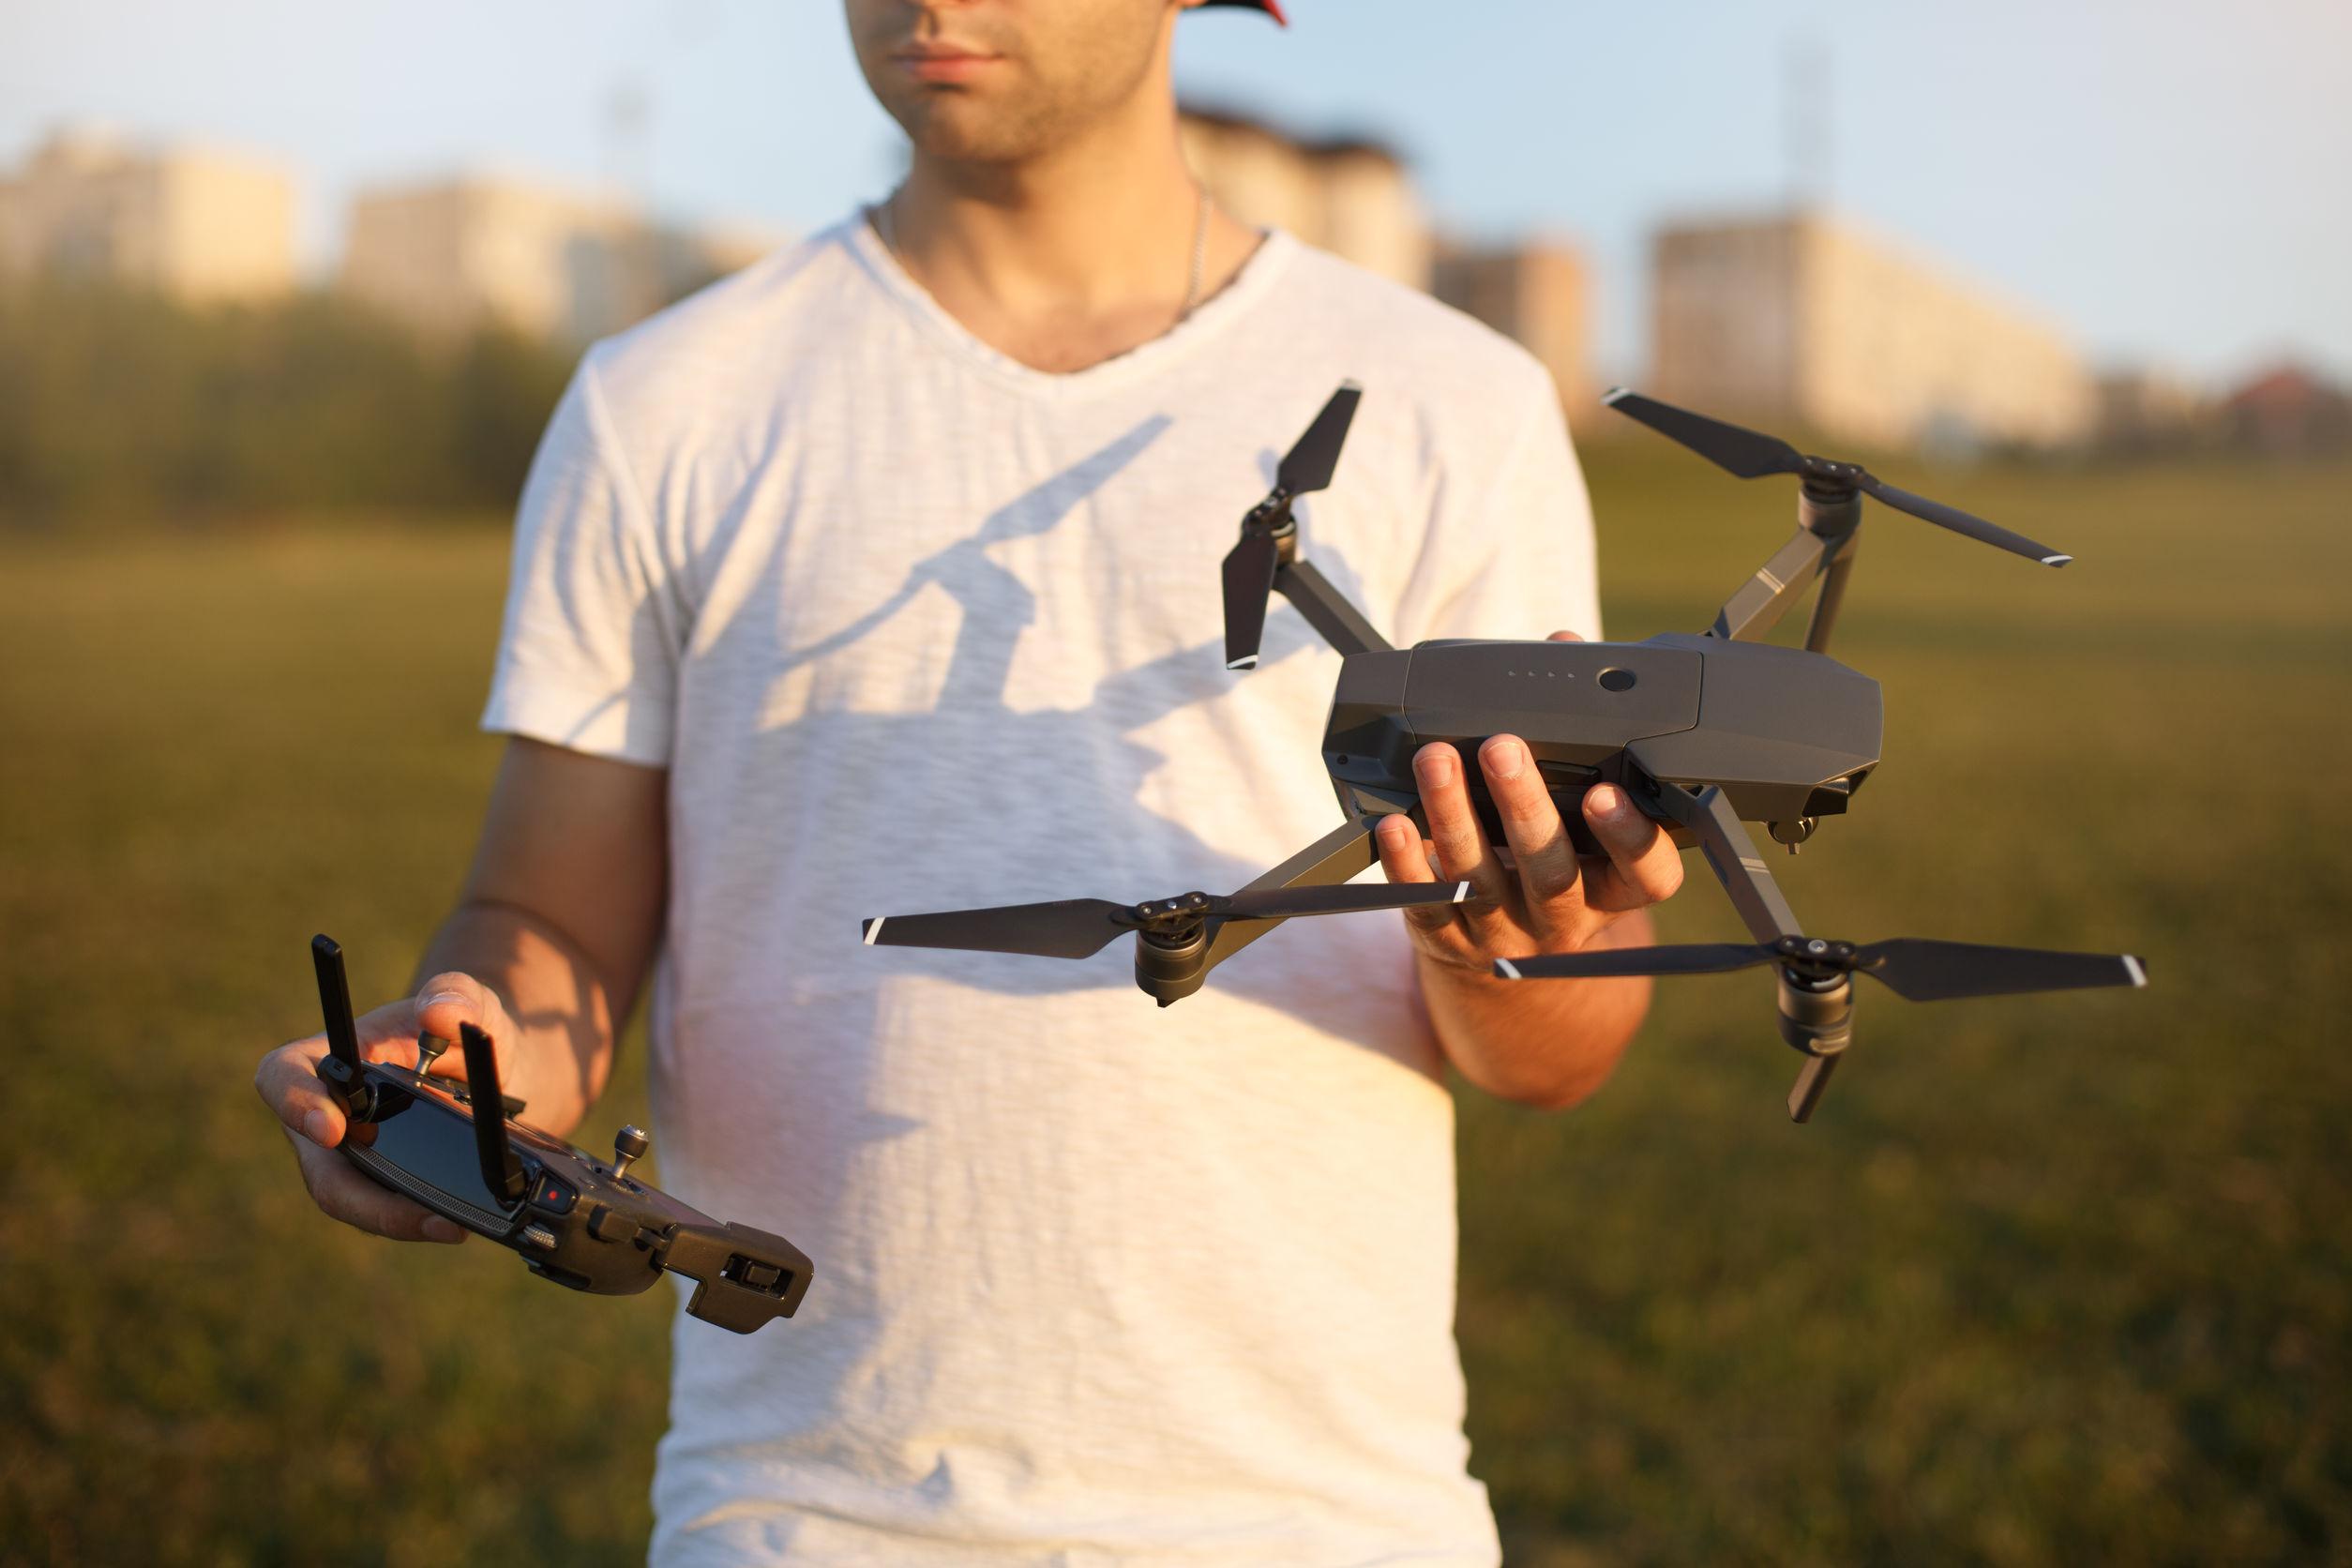 Hombre feliz muestra pequeño drone compacto y control remoto